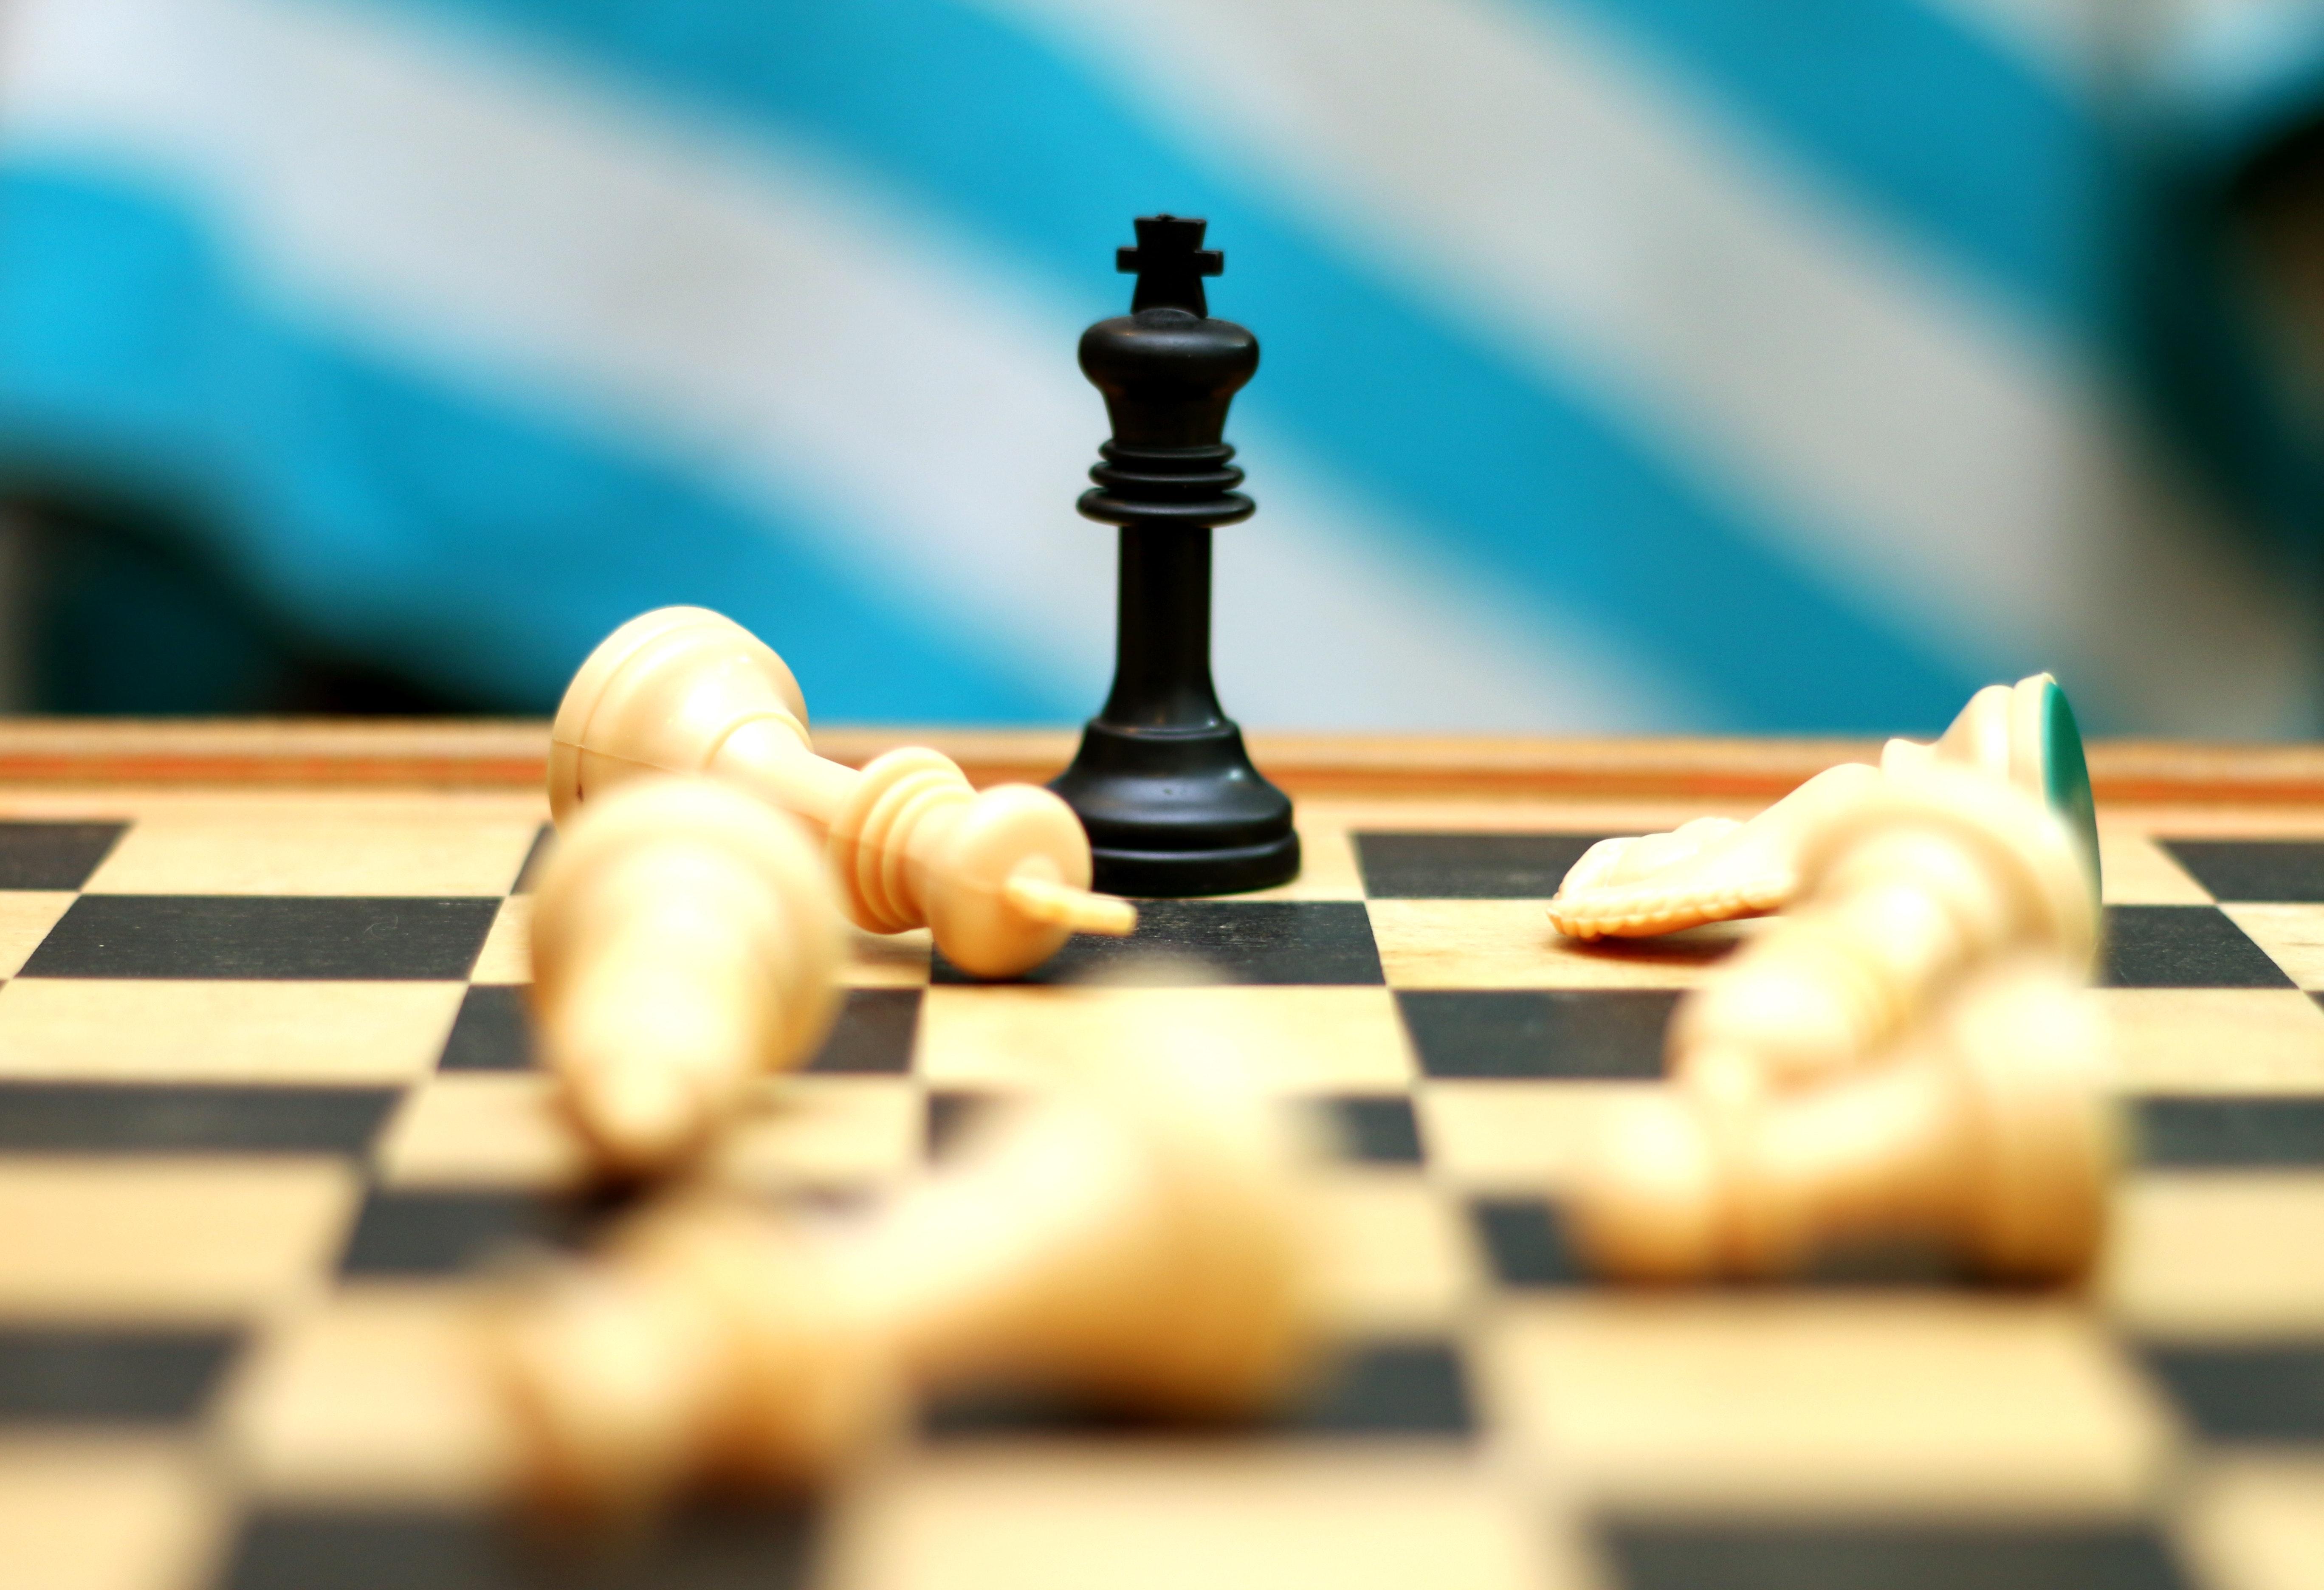 war-chess-59197